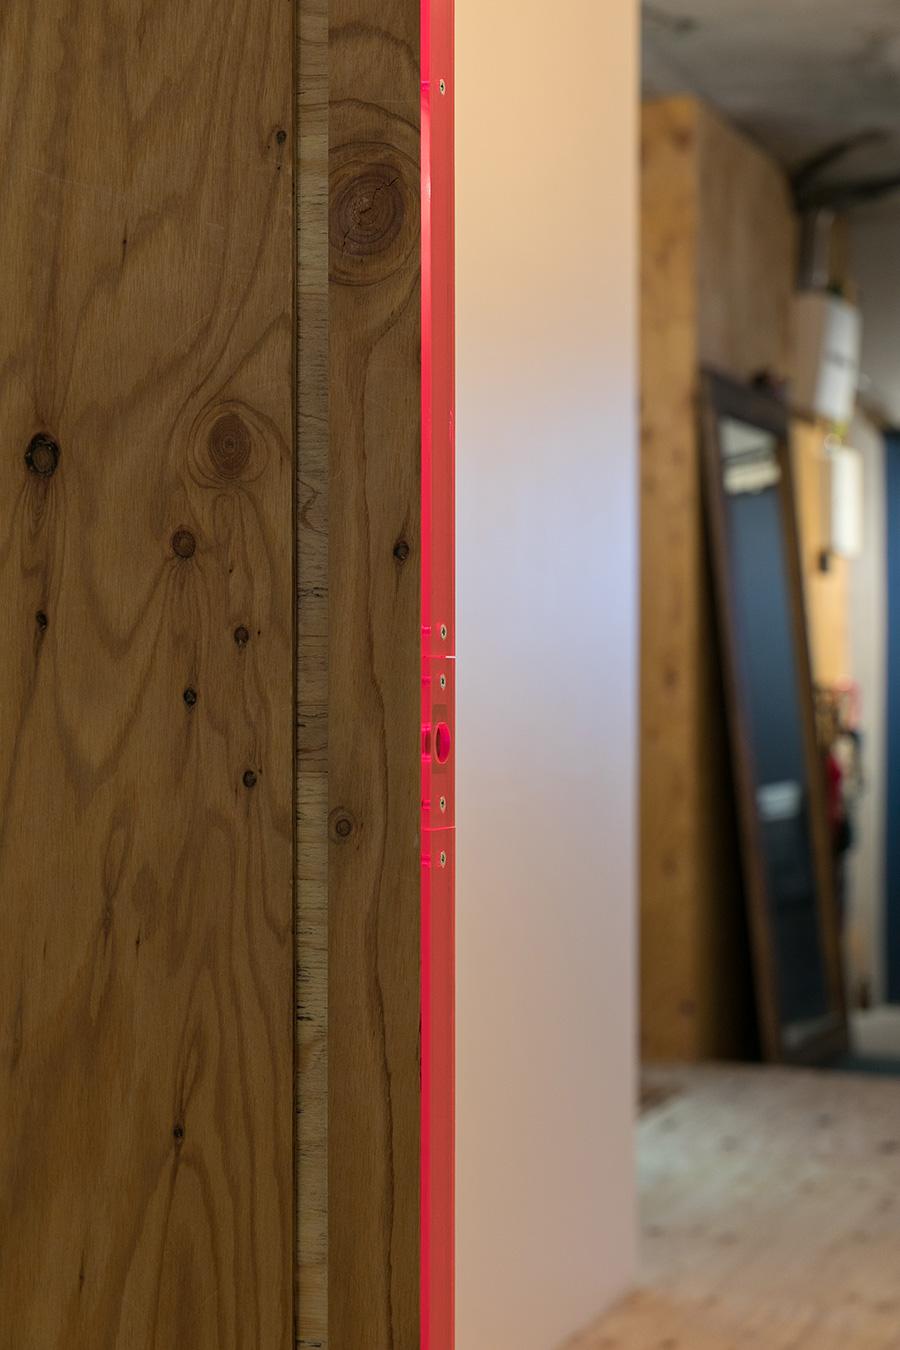 ピンクの集光アクリルとラーチ合板の組み合わせがクール。